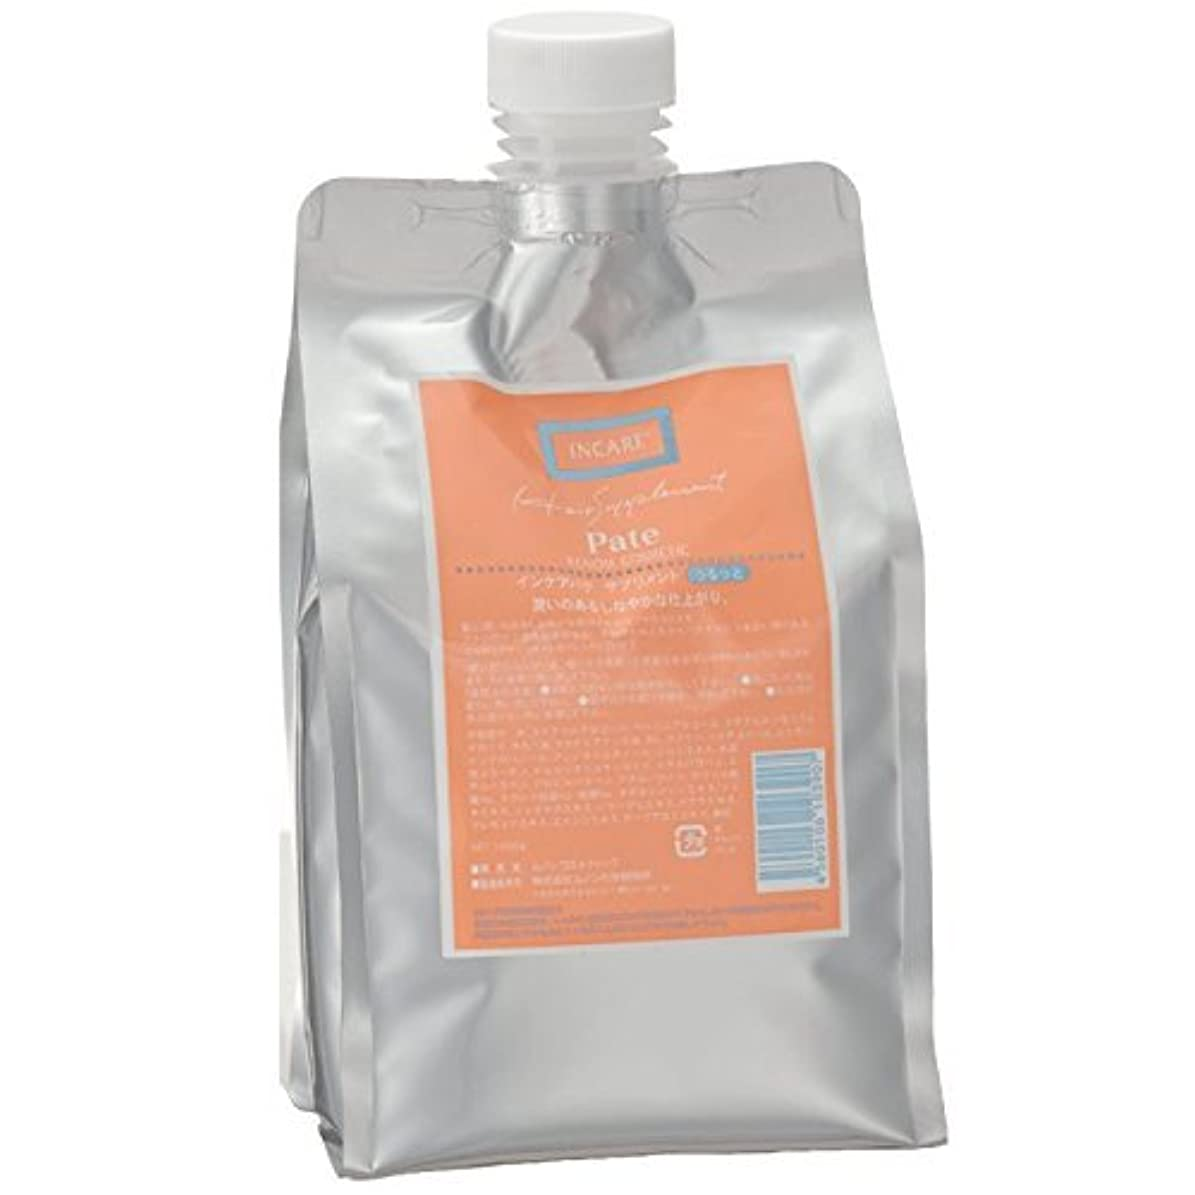 研磨剤ダイアクリティカルかき混ぜるインケア コンディショナー(詰め替え用) 1000ml